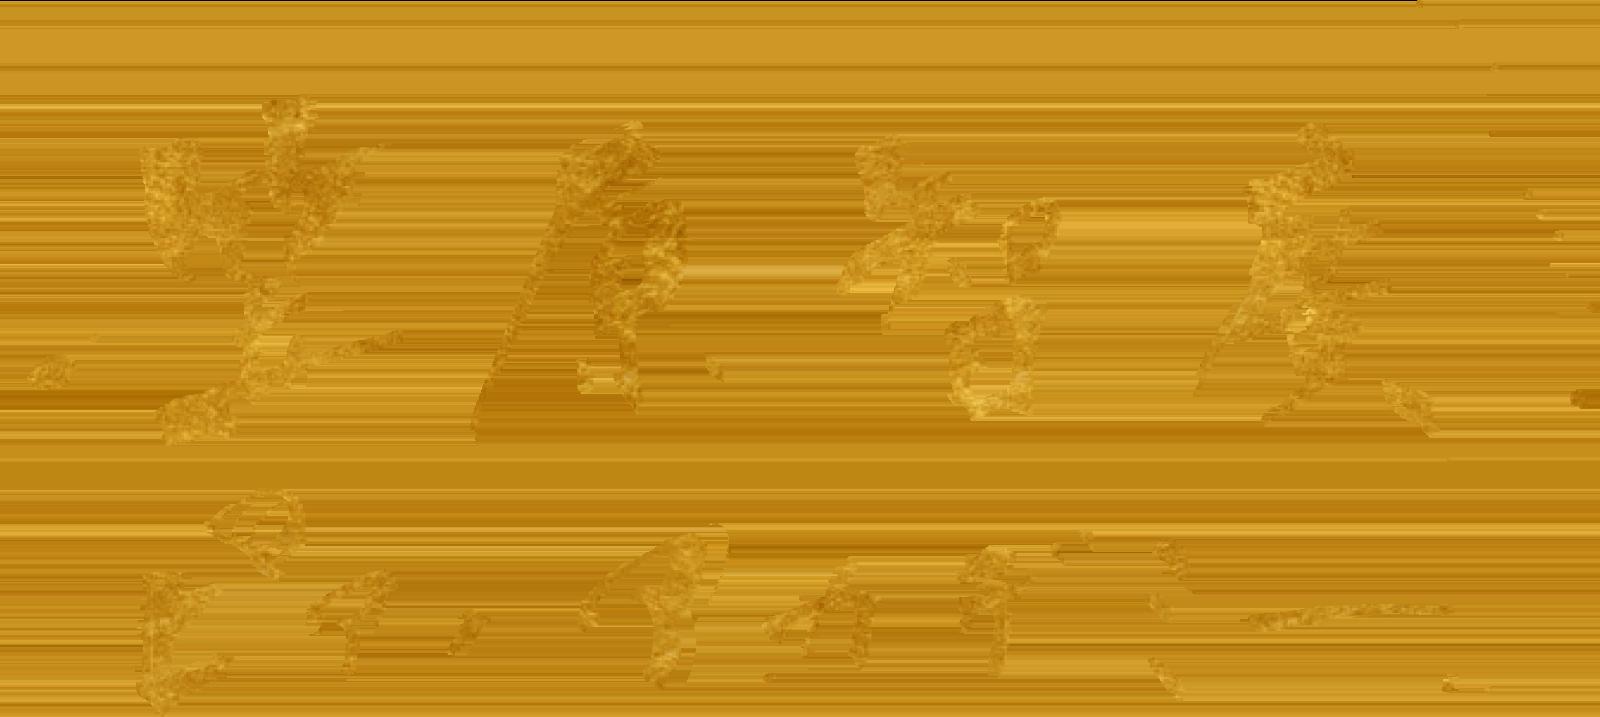 笠原智廣ピアノアカアデミー ロゴ